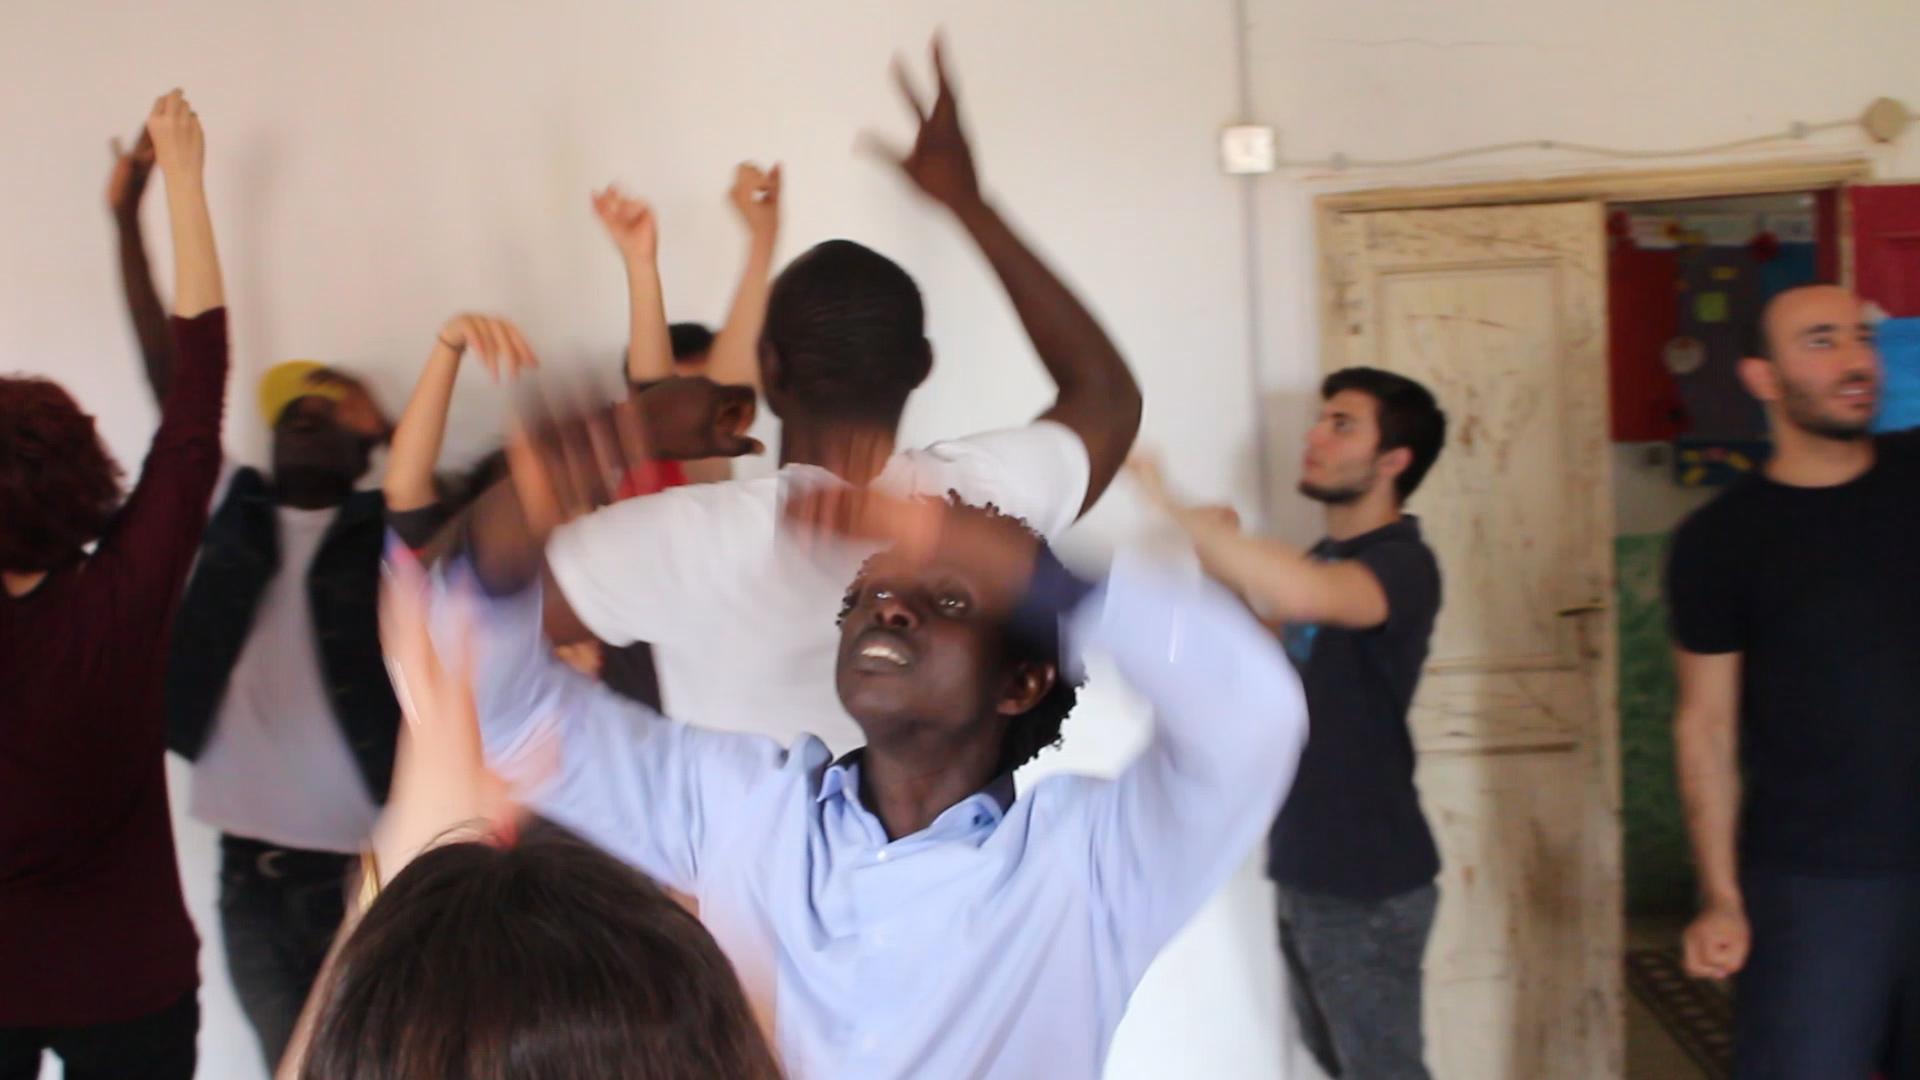 Danza movimento